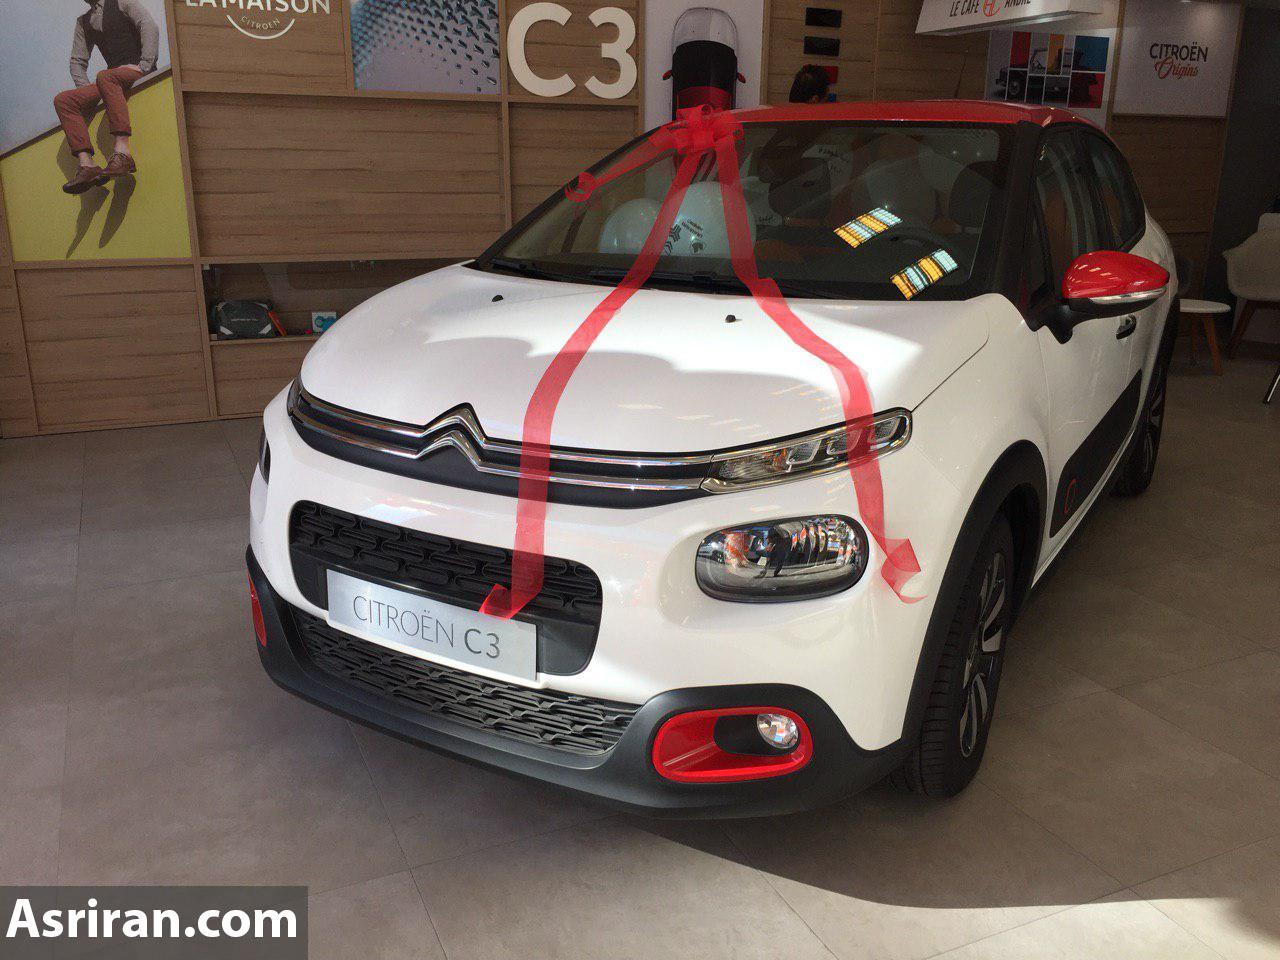 تحویل اولین سری از خودروهای سیتروئن c۳ توسط سایپا / معاون فروش سایپا-سیتروئن: تمامی تعهدات تا پایان سال تحویل خریداران می شود (+عکس)